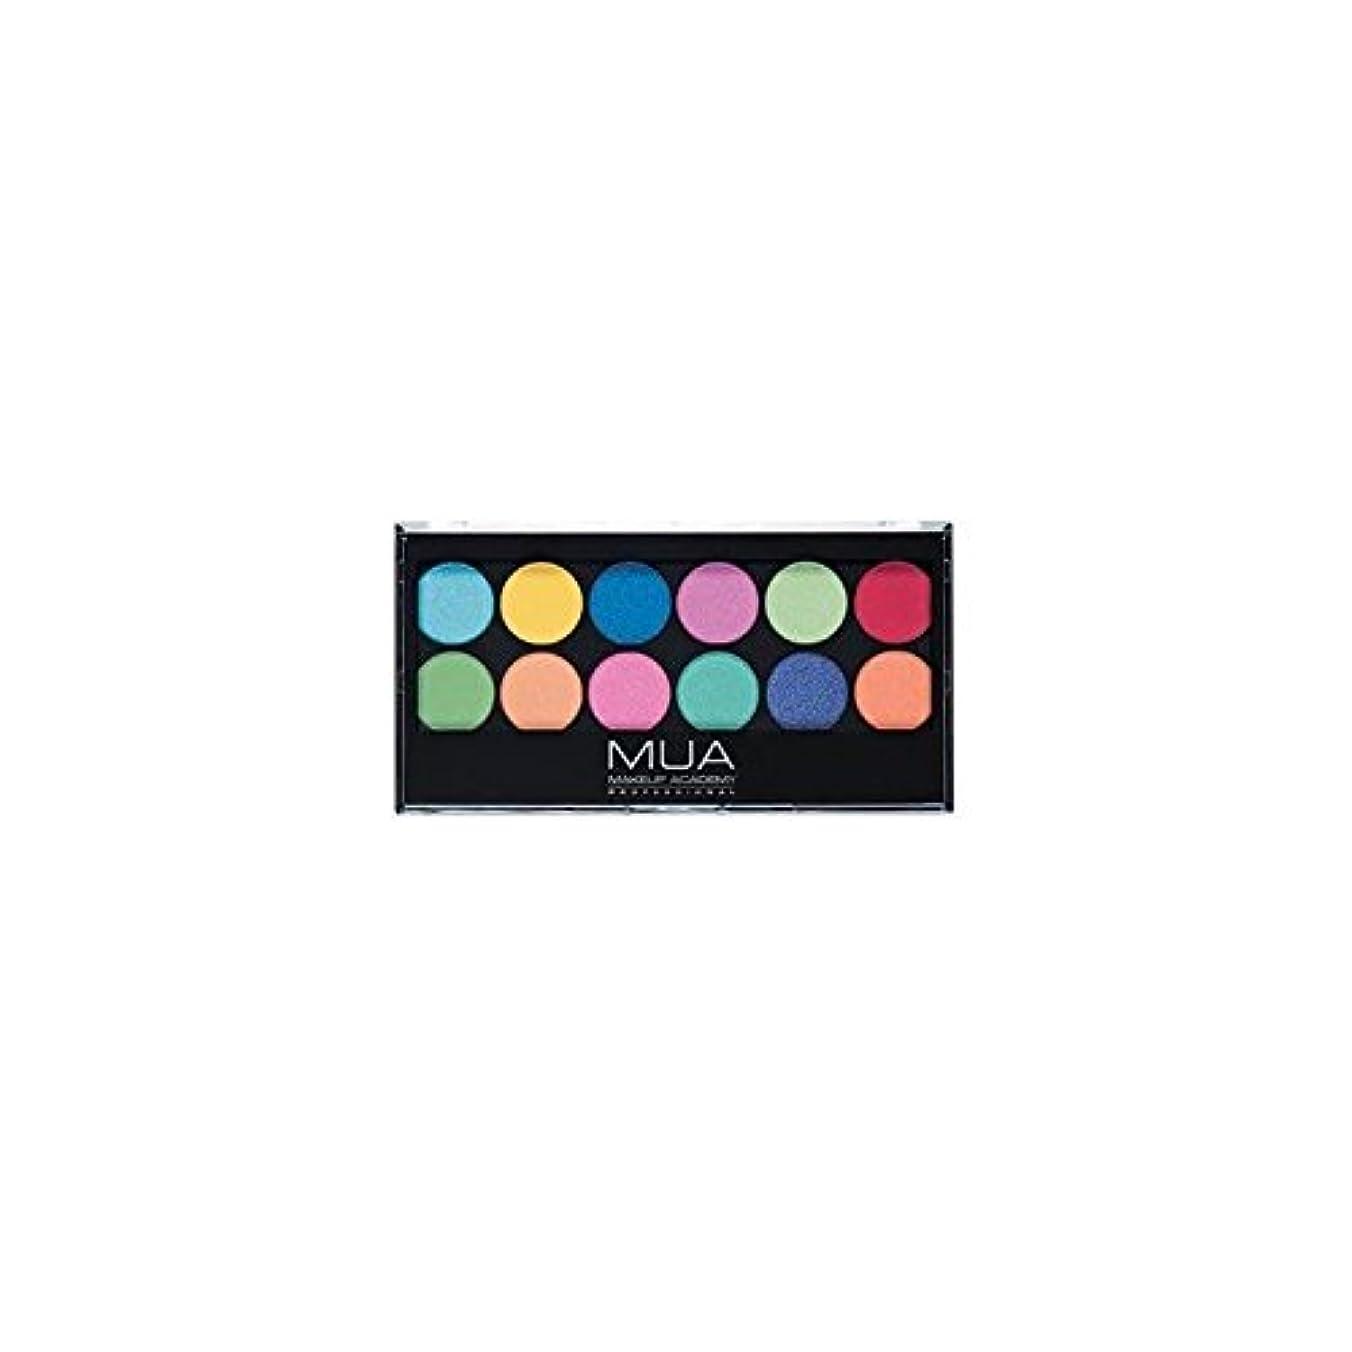 持参ポインタ浸すMUA Eyeshadow Palette - Silent Disco (Pack of 6) - のアイシャドウパレット - サイレントディスコ x6 [並行輸入品]